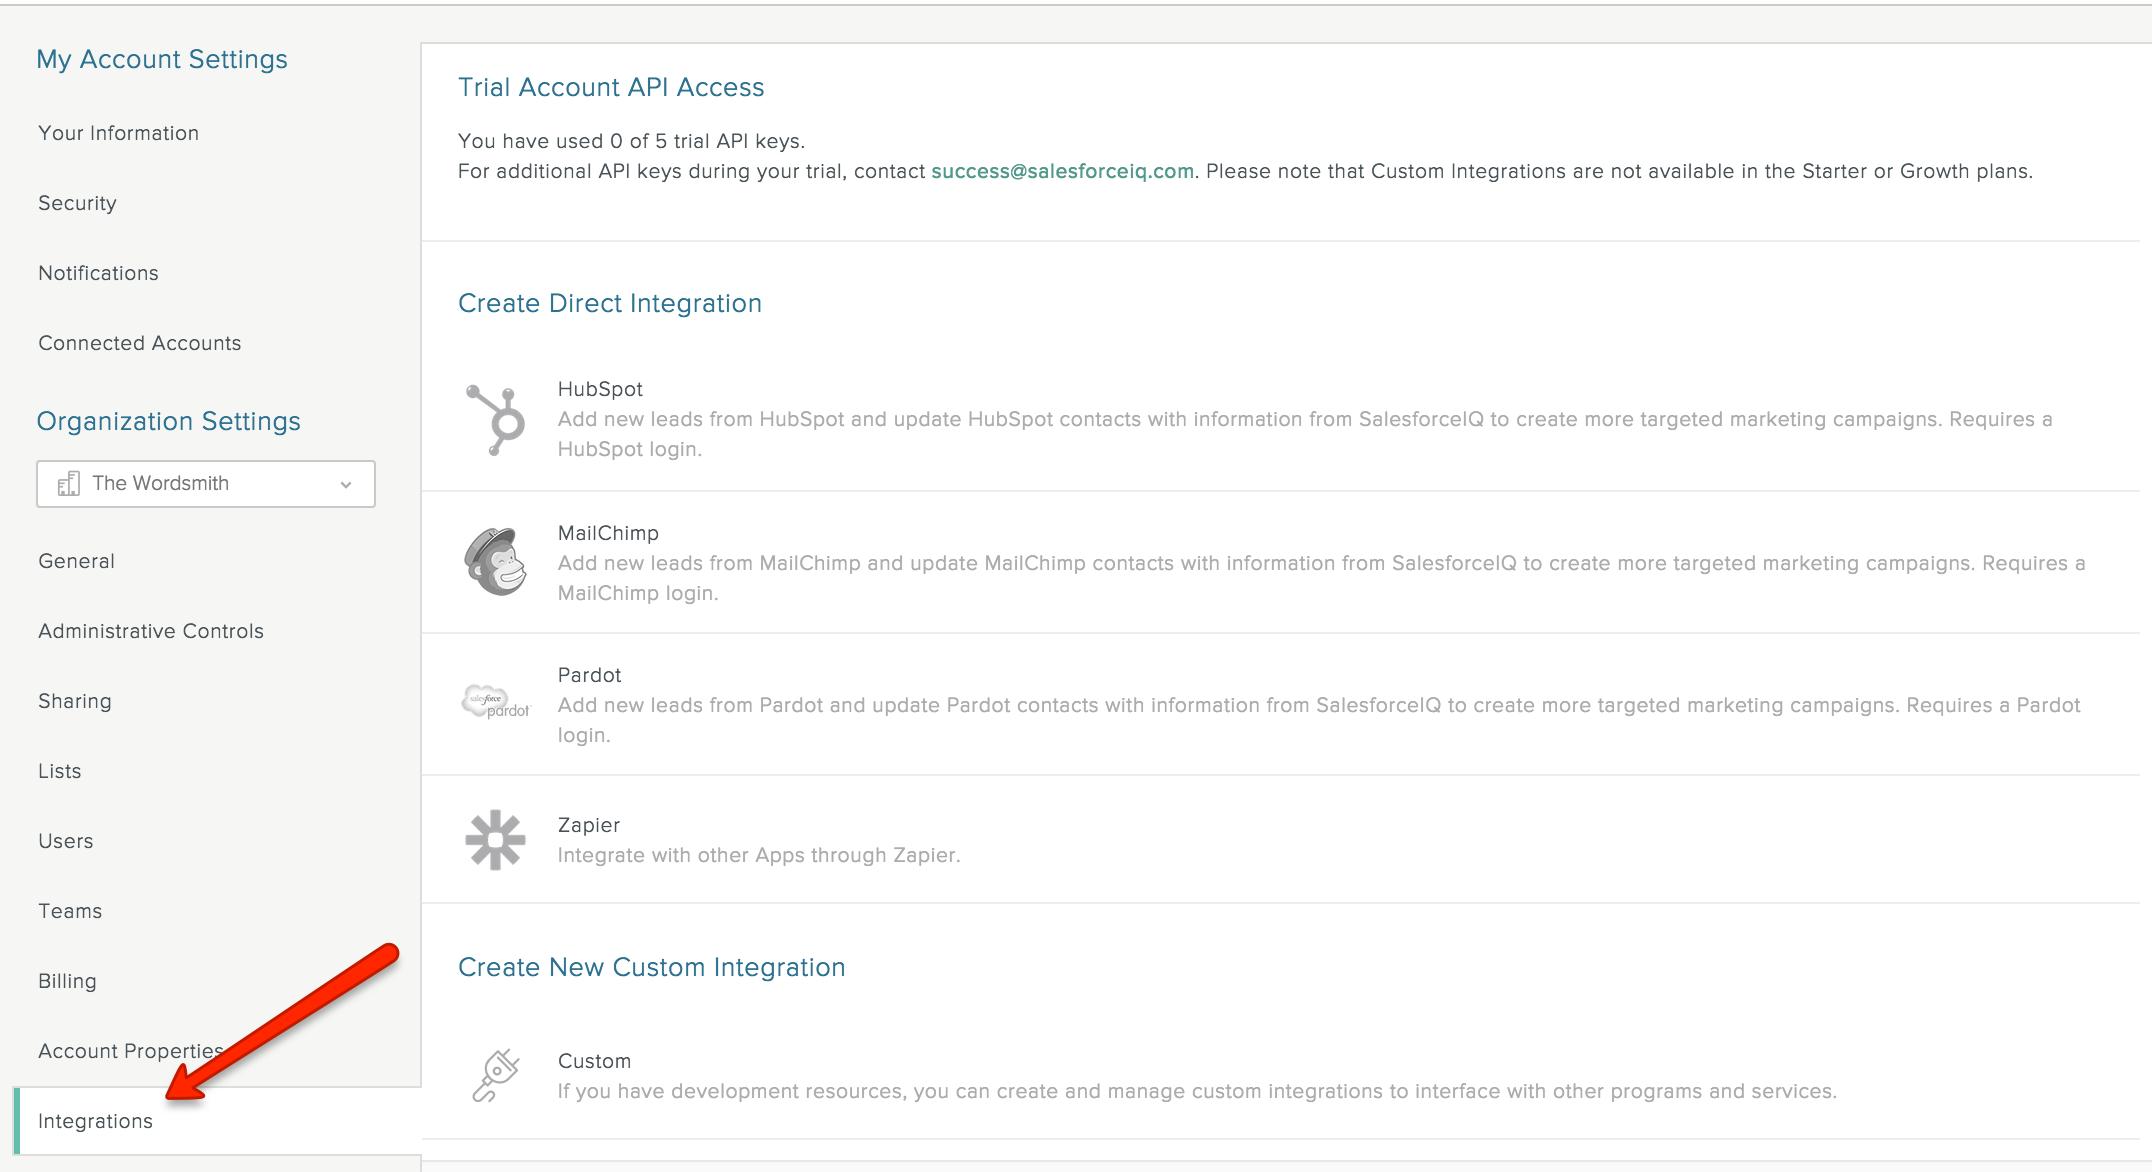 Integrations - SalesforceIQ Help